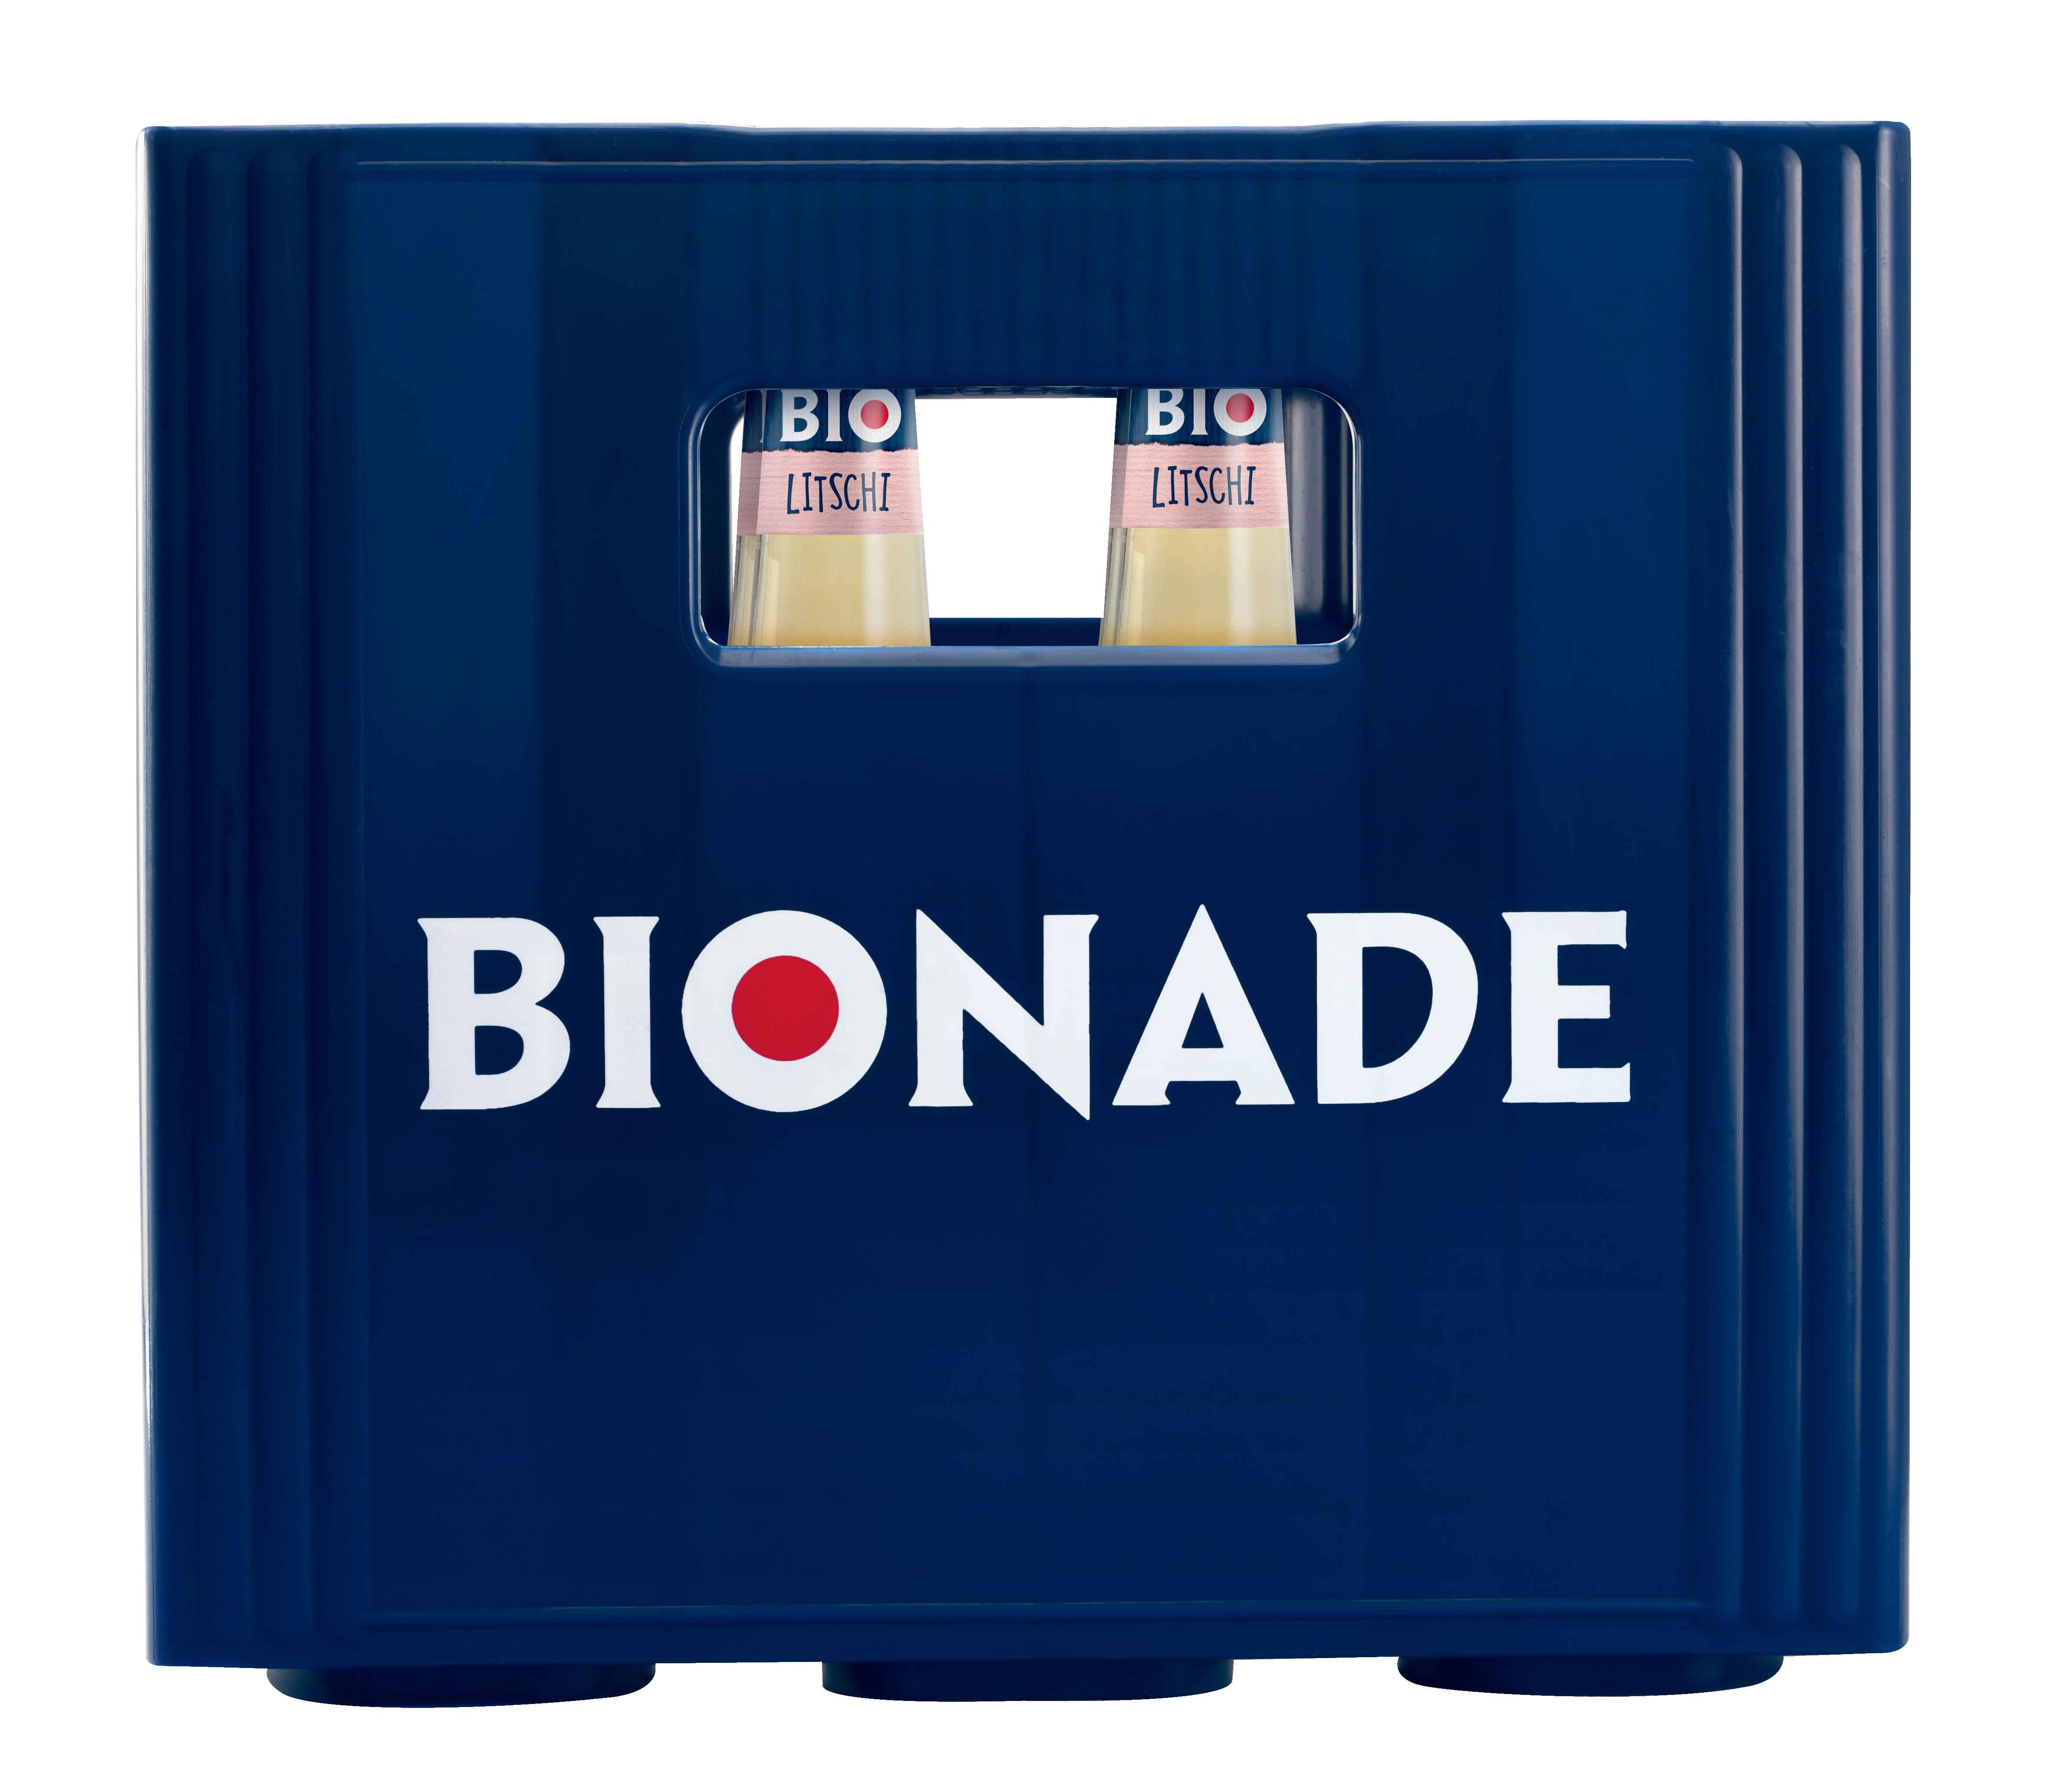 Bionade Litschi 12x0,33l Mehrweg Glas